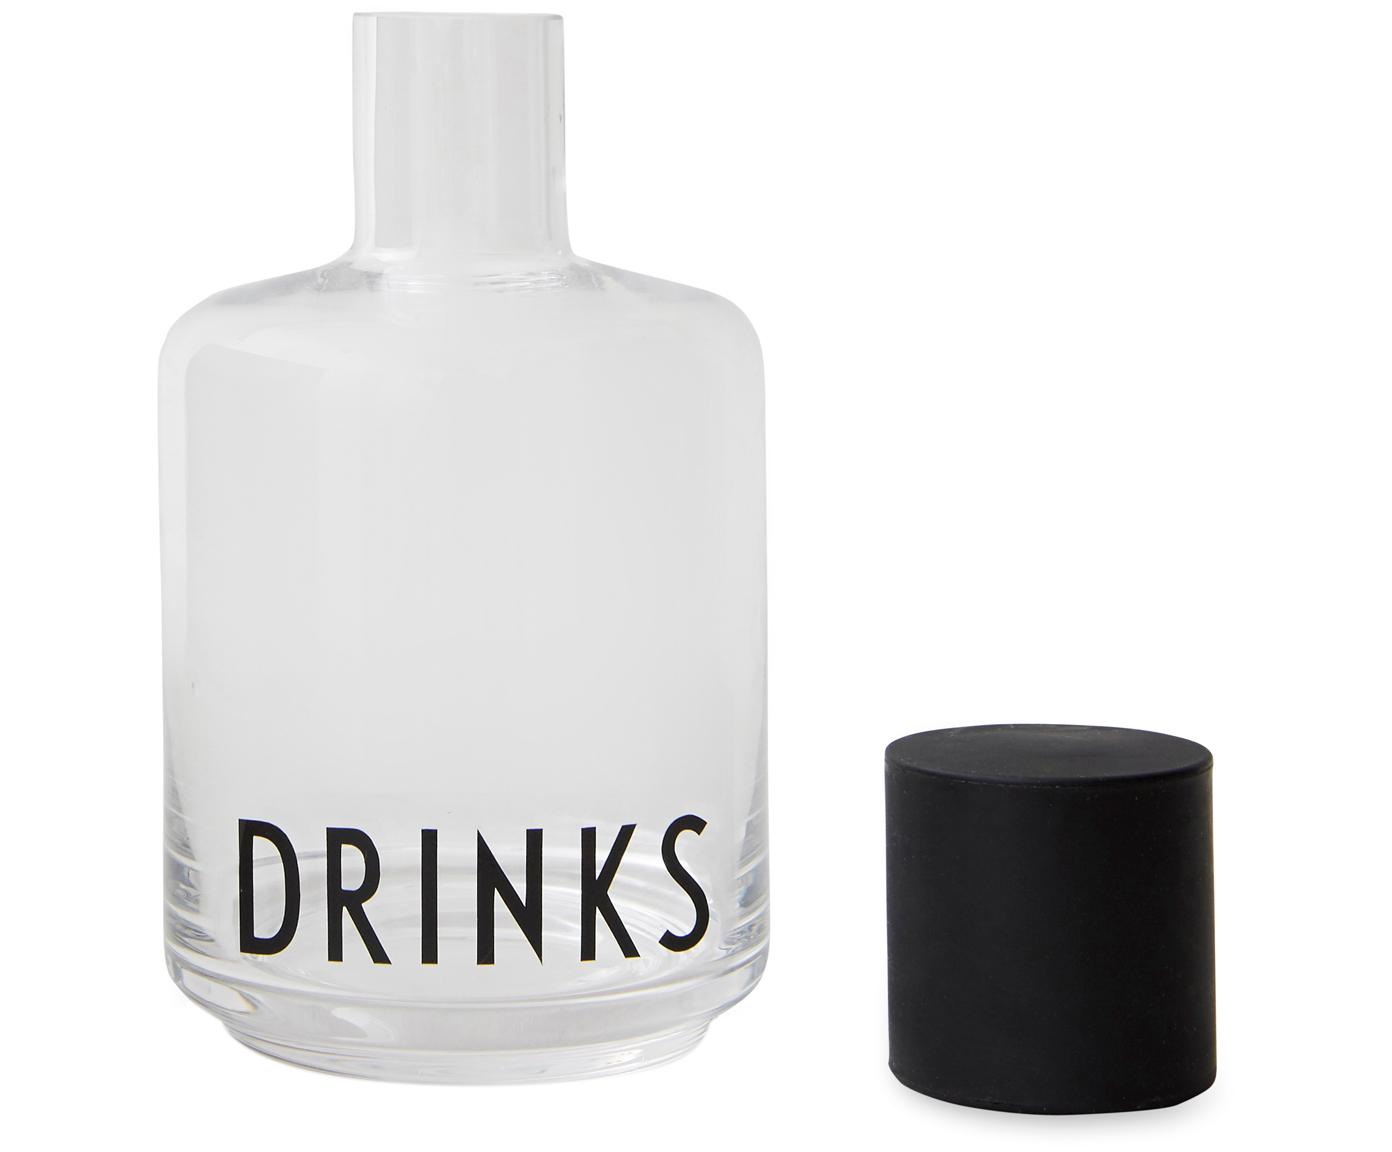 Design Karaffe Drinks mit Schriftzug, Deckel: Silikon, Transparent, Schwarz, 500 ml